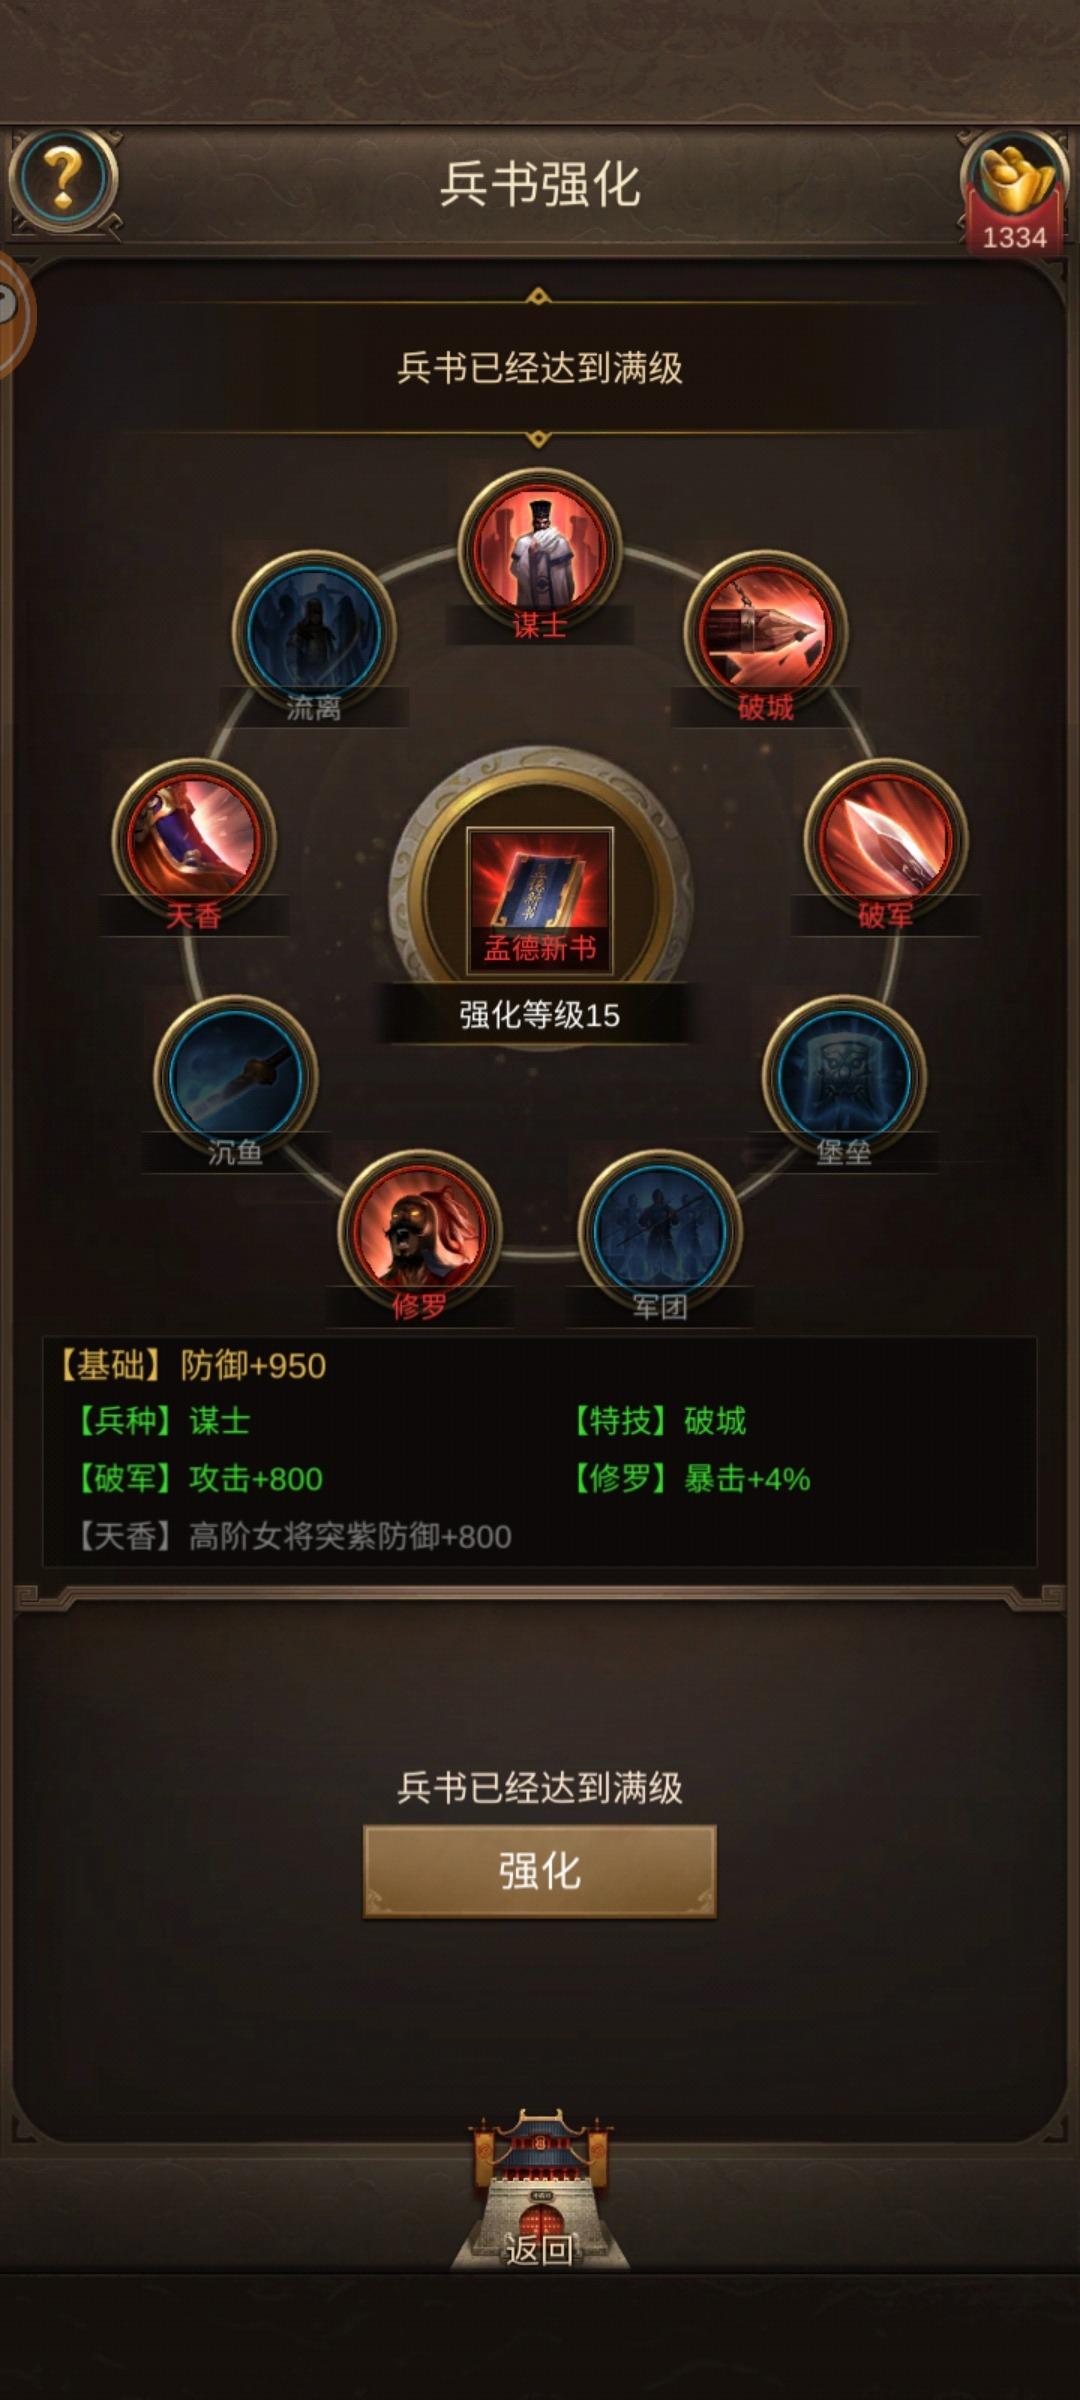 Screenshot_20210612_173746_com.juedi**.zhhzz.shoumeng.jpg